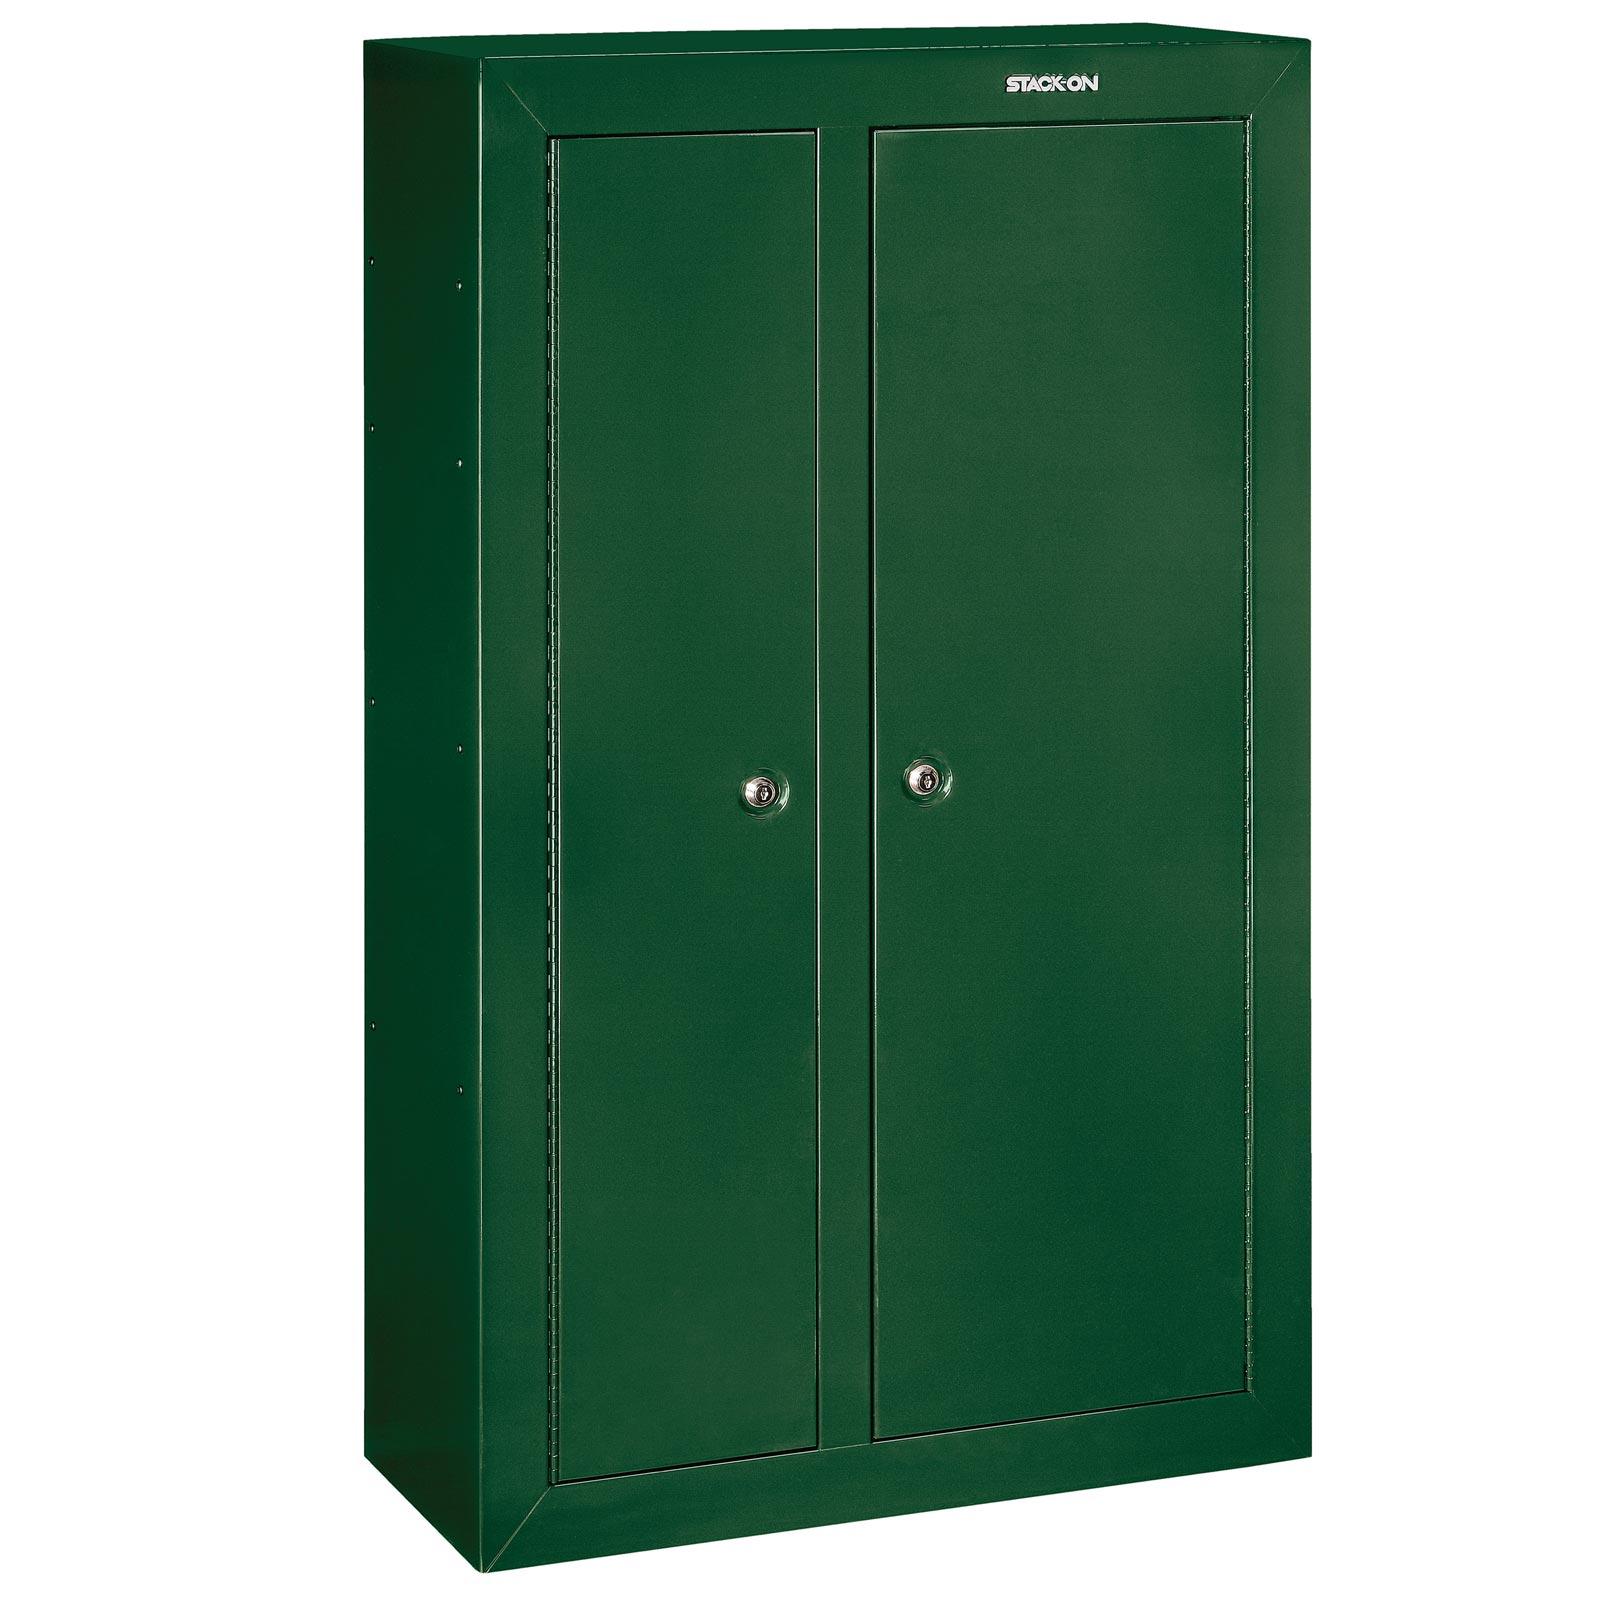 Stack On Gcdg 924 Gun Cabinet Double Door Security Cabinet